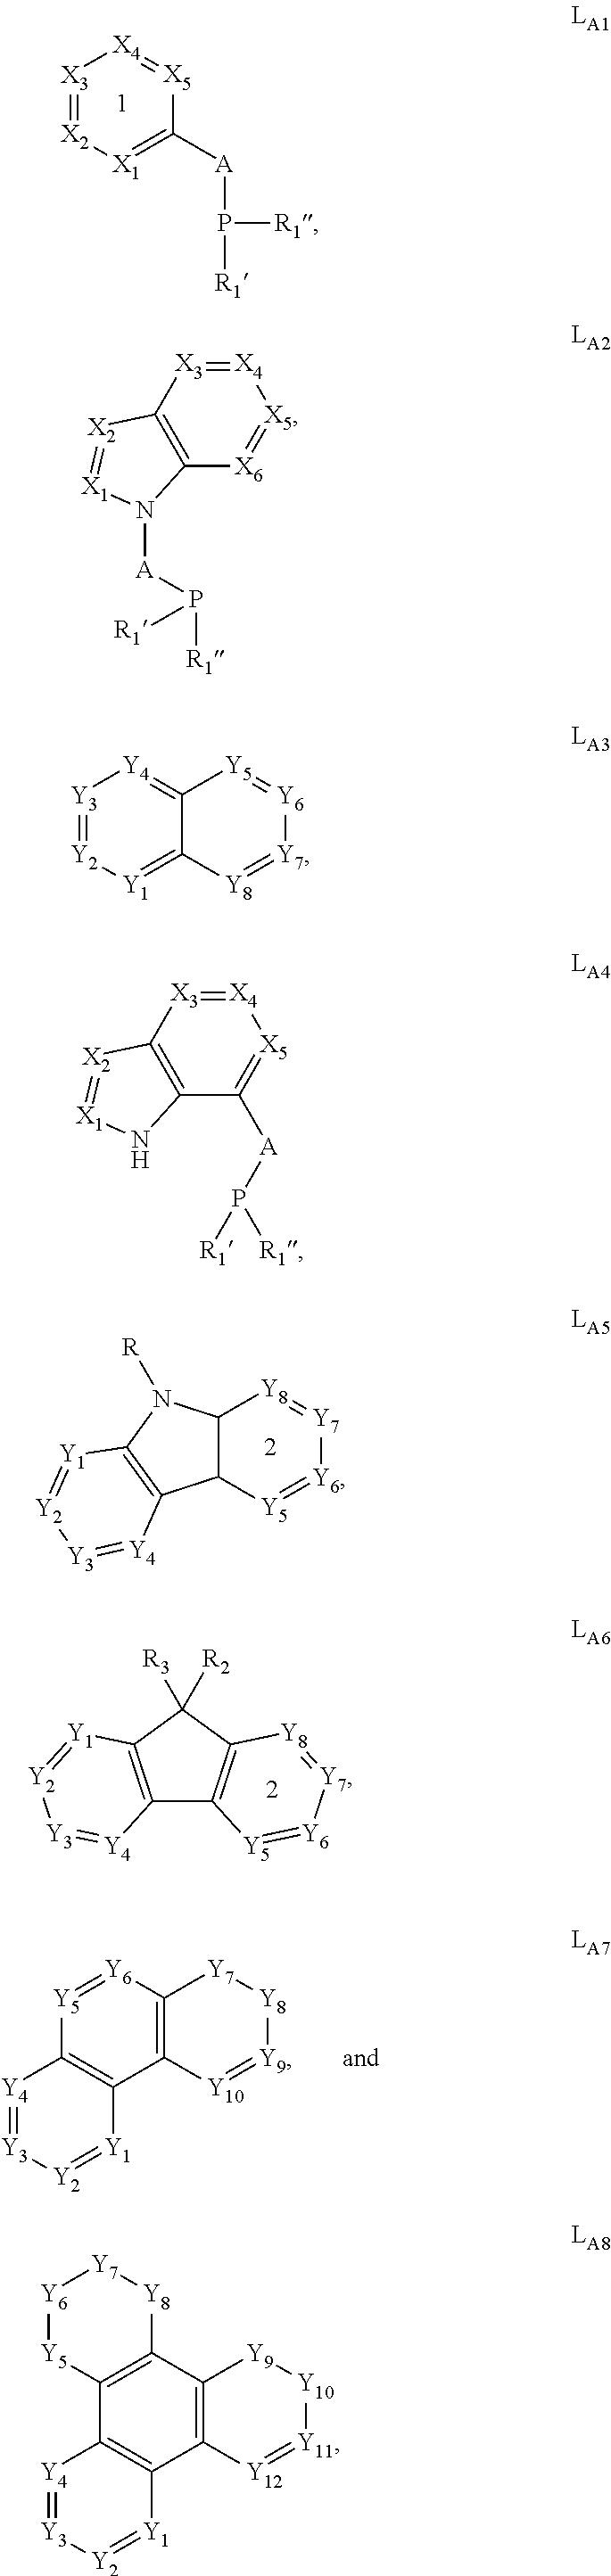 Figure US10121975-20181106-C00004